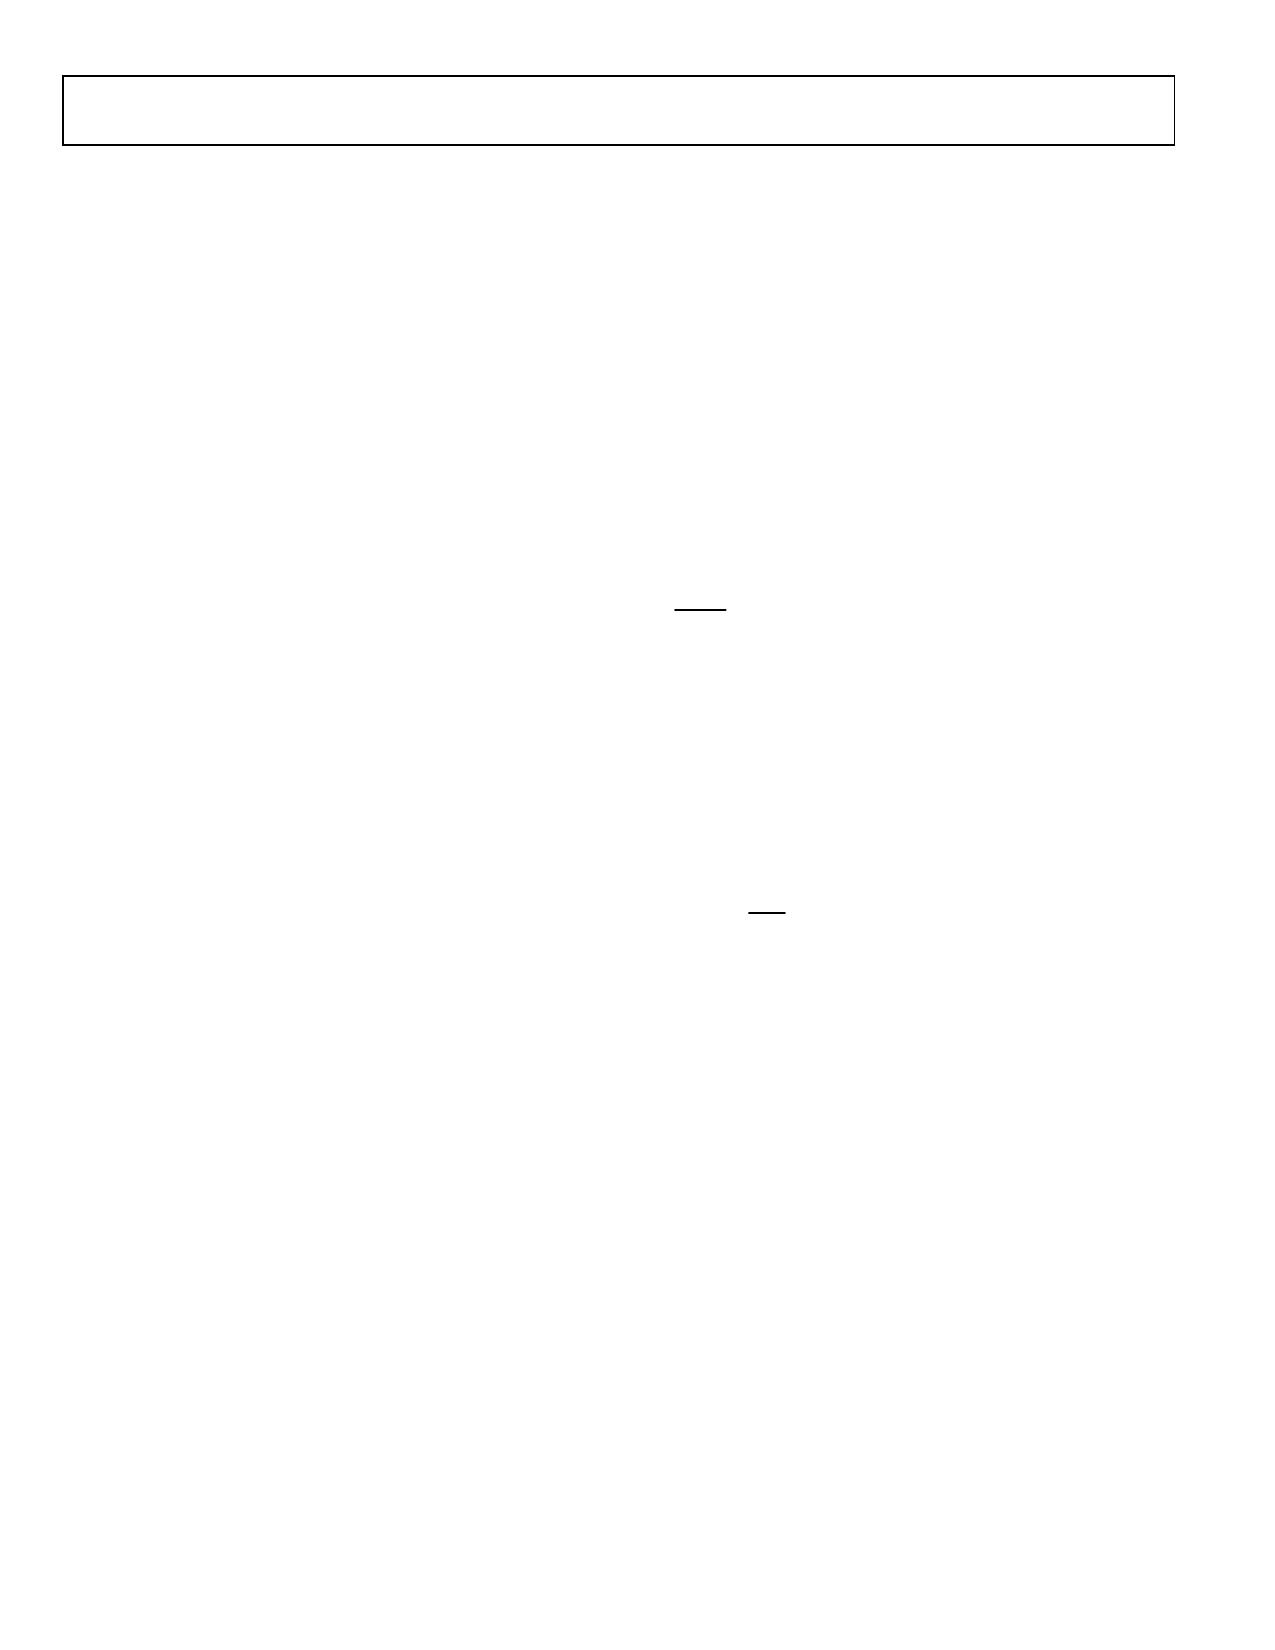 AD5669R Даташит, Описание, Даташиты